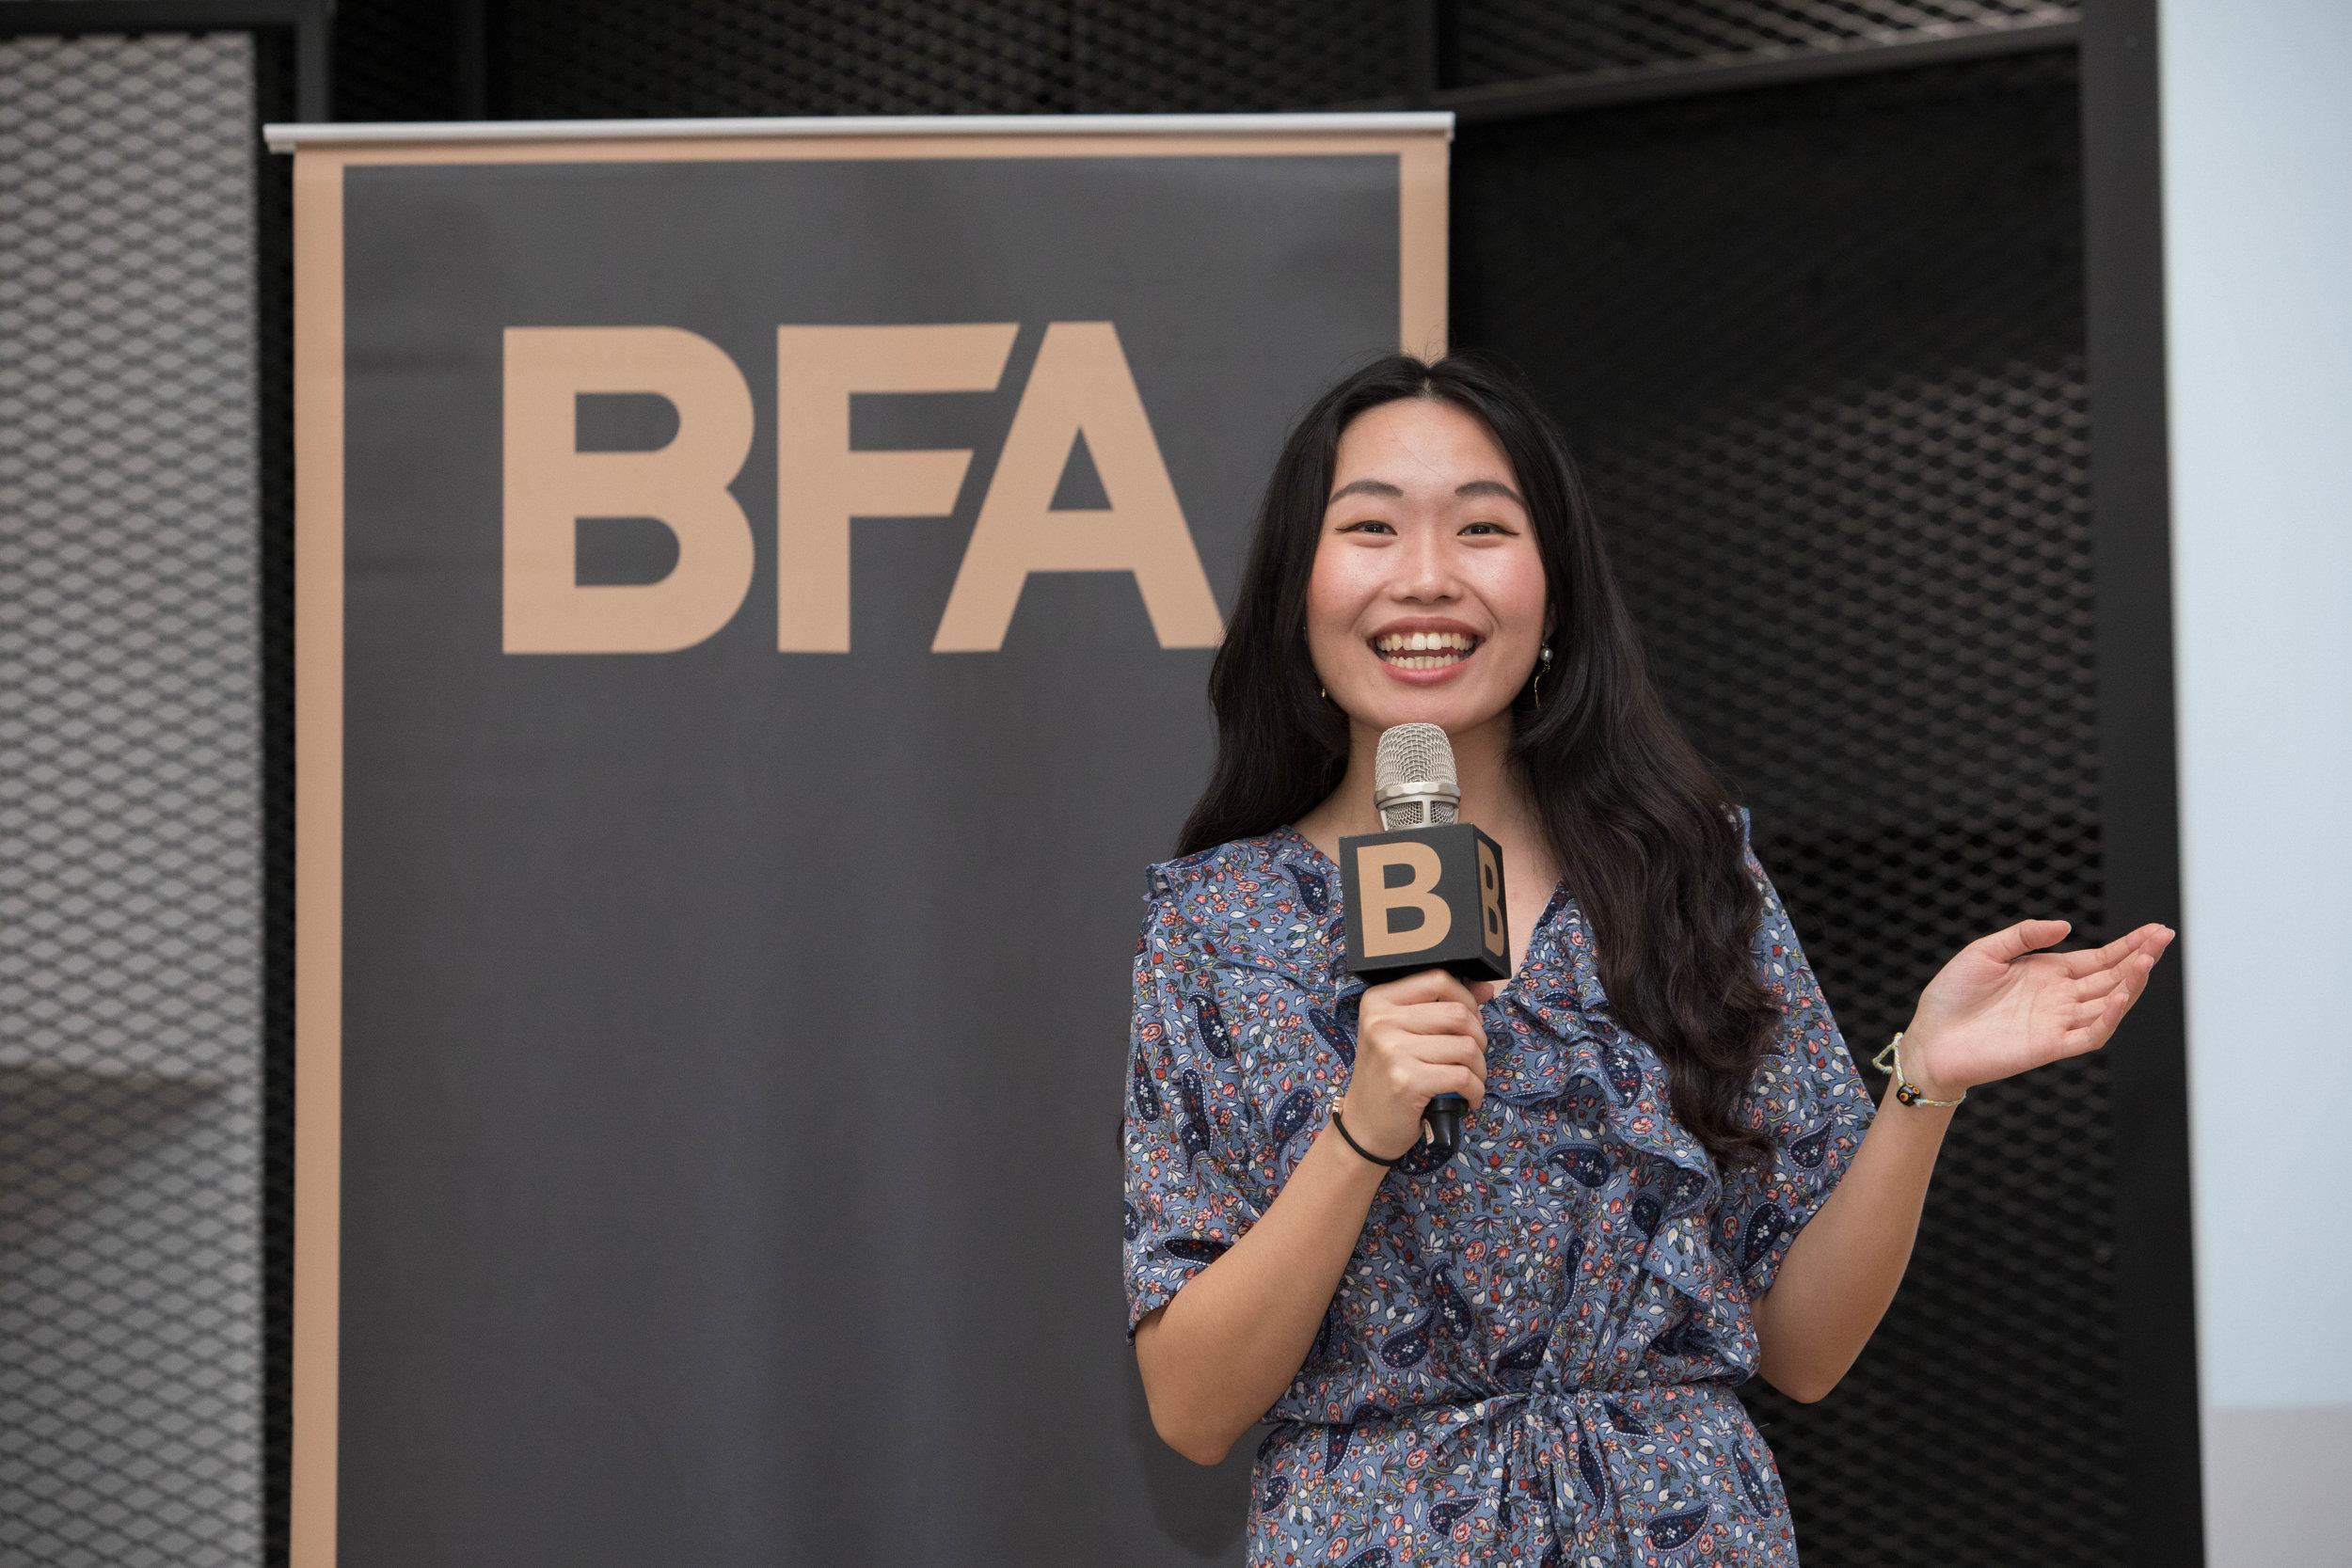 亞洲水泥公司公關 & 獨立樂團告五人經紀人 鄭湘慈:不要被既有觀點侷限,要從答案回去找問題